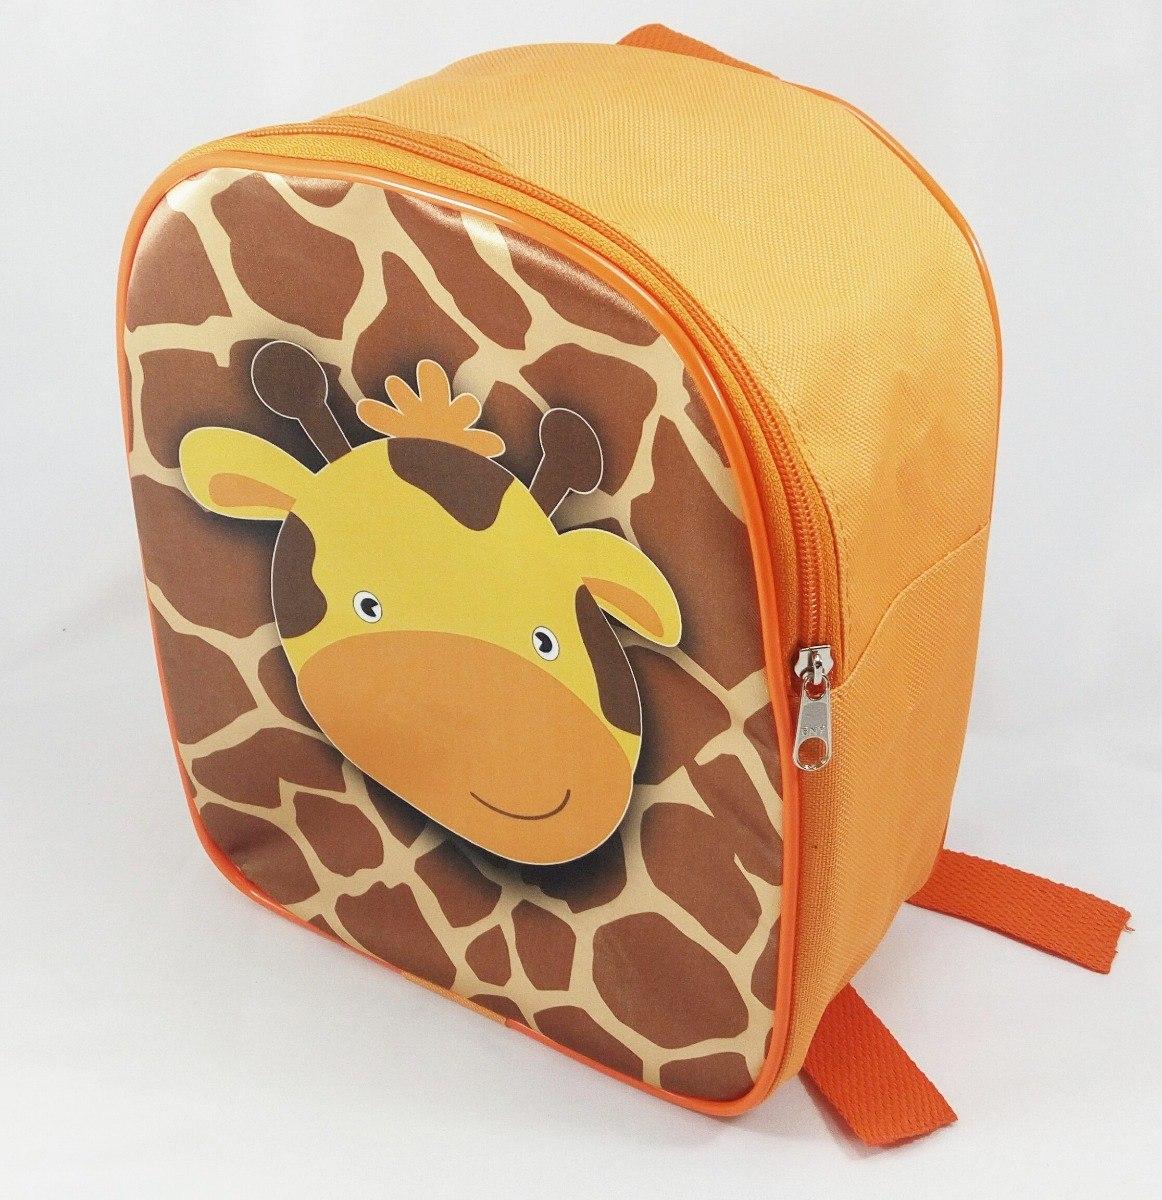 be6906543 bolsas personalizadas, lembrancinhas - 50 mochila disne. Carregando zoom.